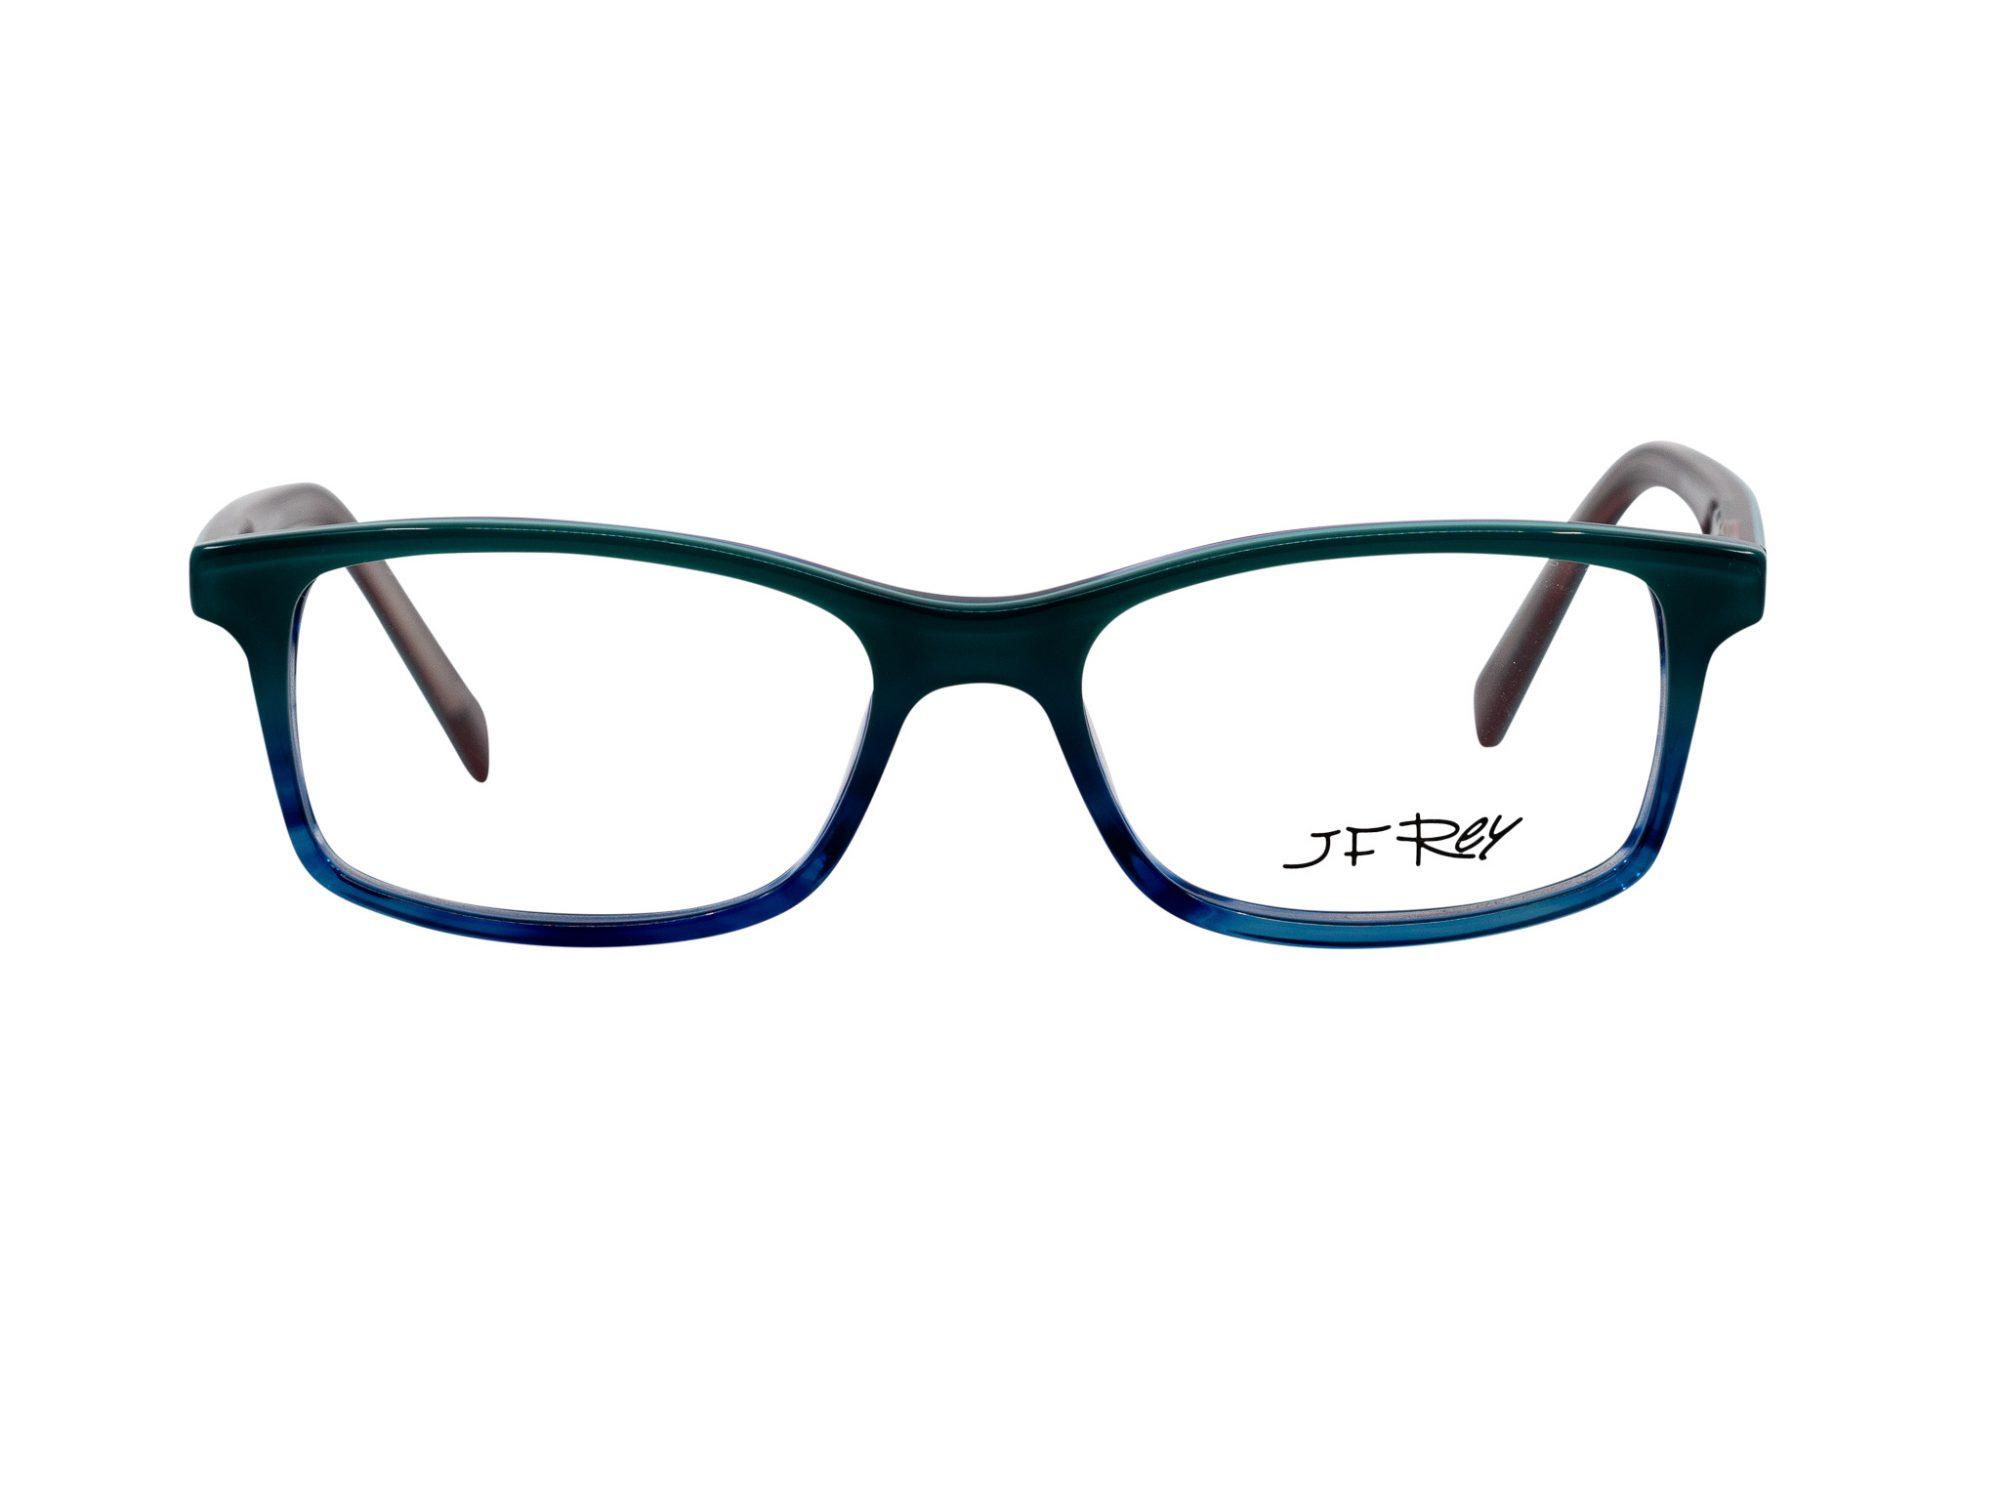 JF Rey Tribu 4525